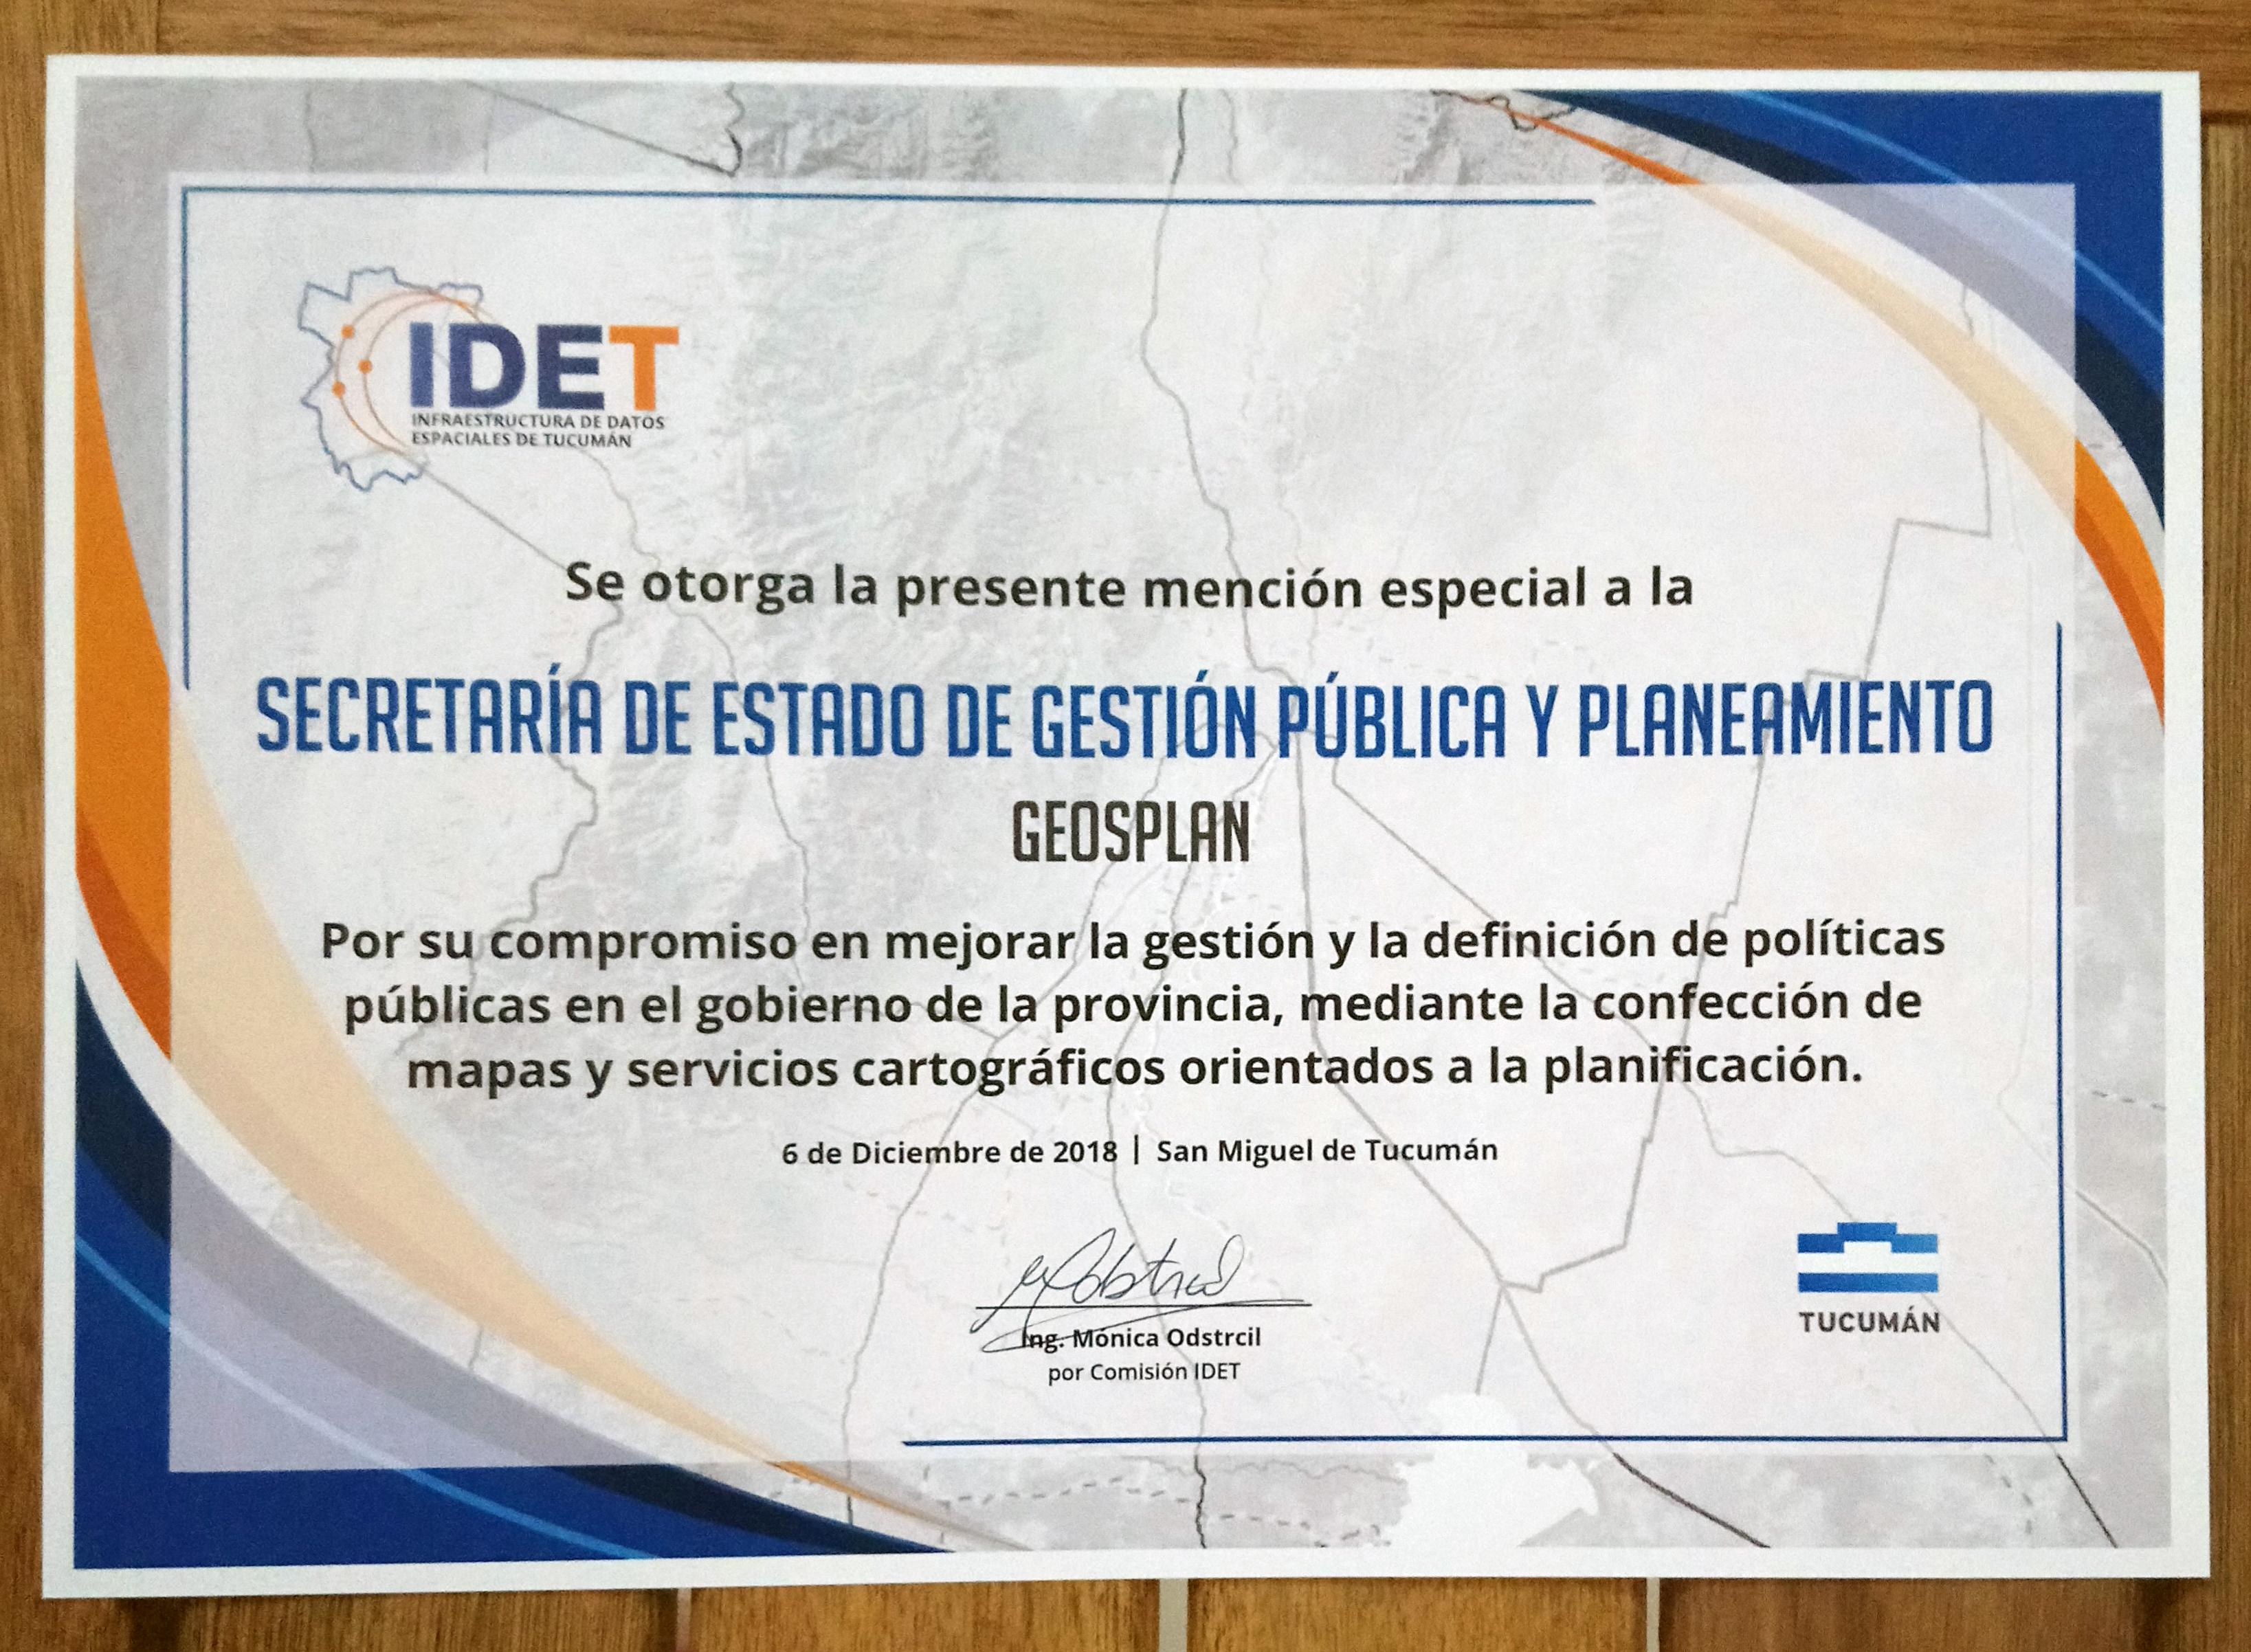 GeoSPlan recibe mención especial en la I Jornada IDET